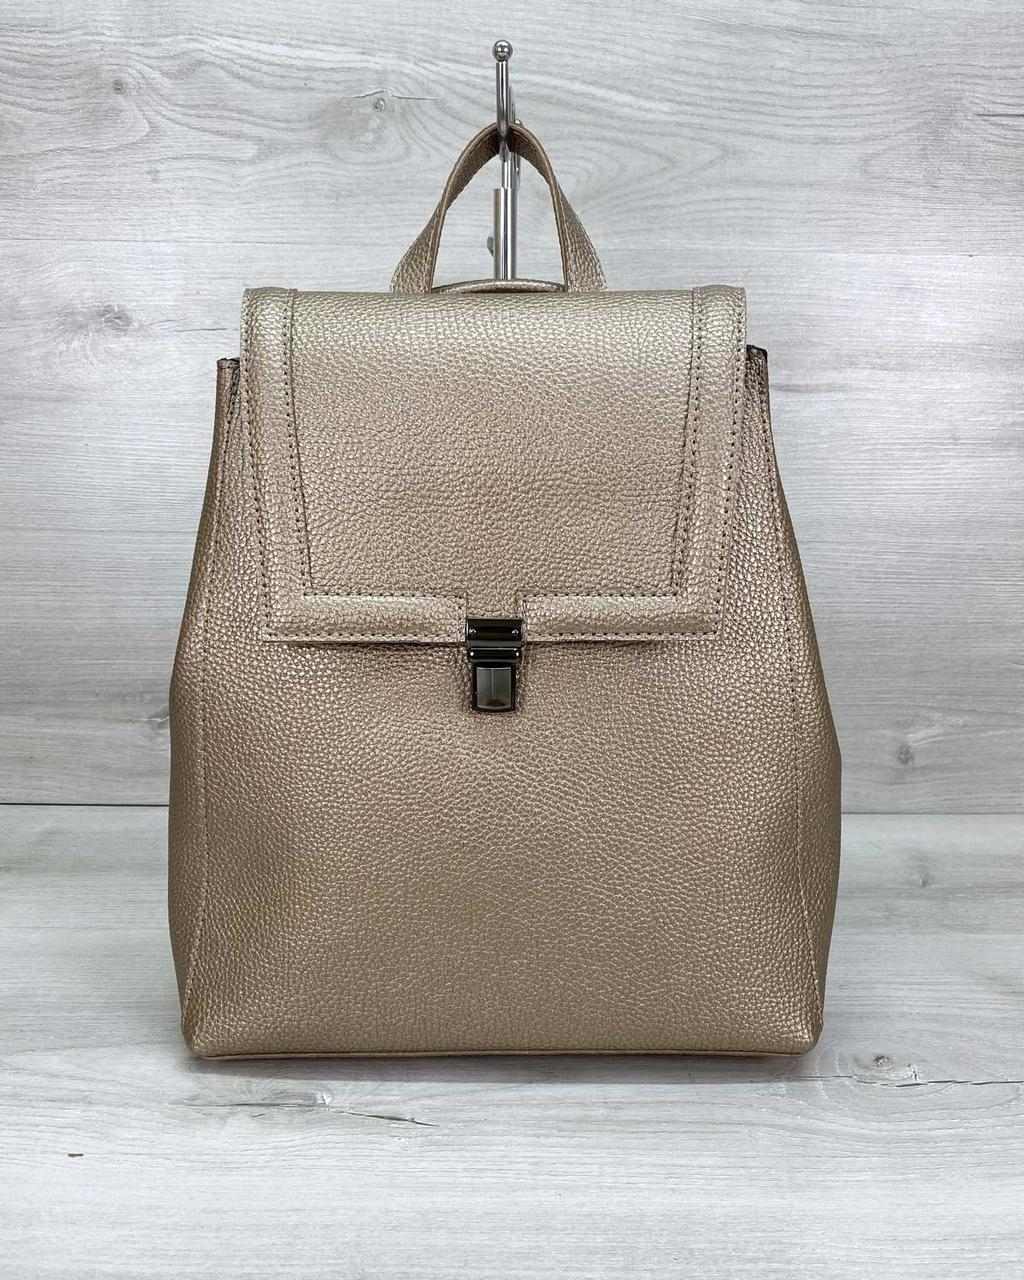 Жіноча молодіжна сумка-рюкзак трансформер золотиста